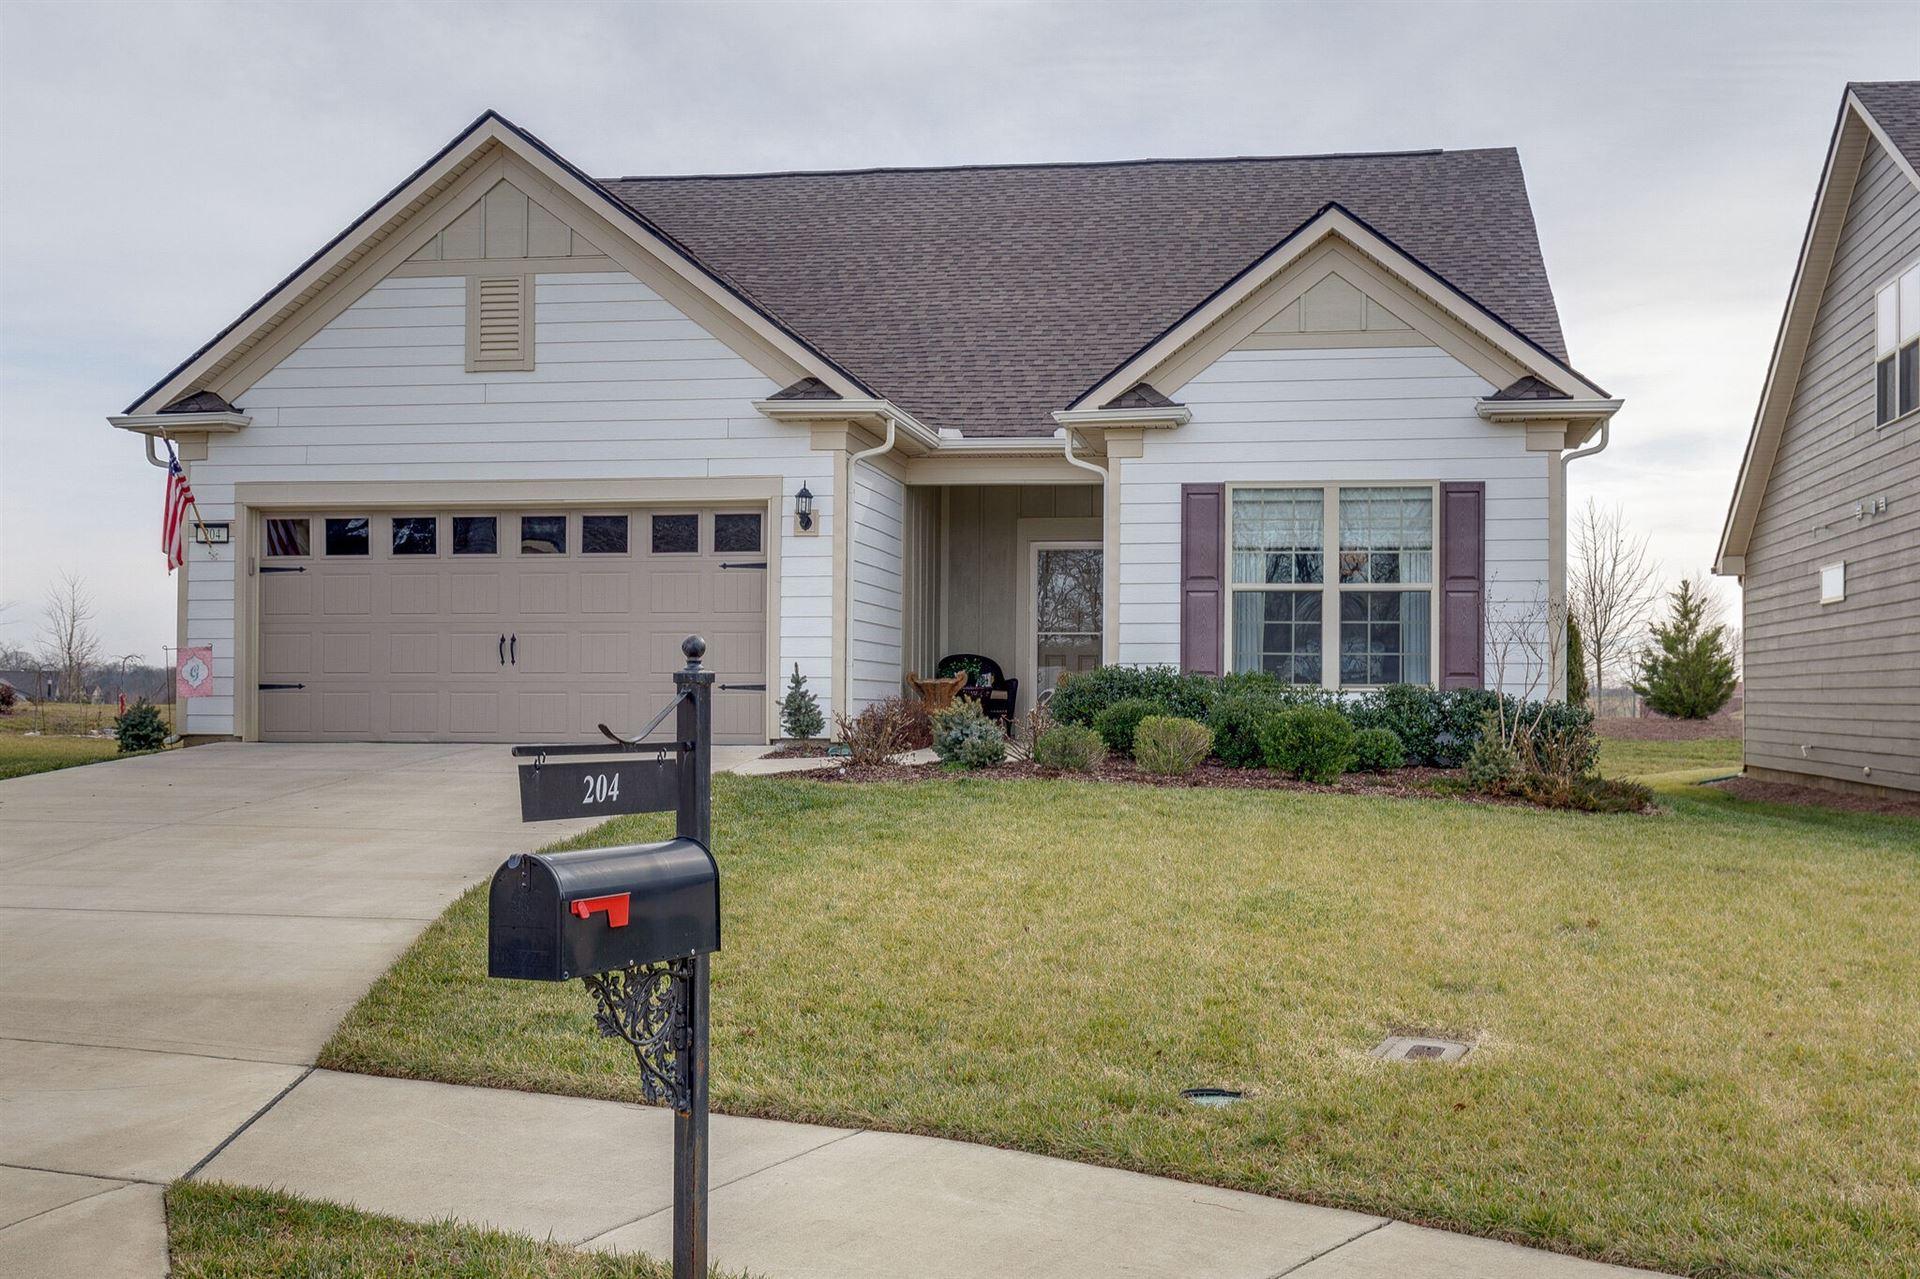 204 Carter Ct, Spring Hill, TN 37174 - MLS#: 2217391